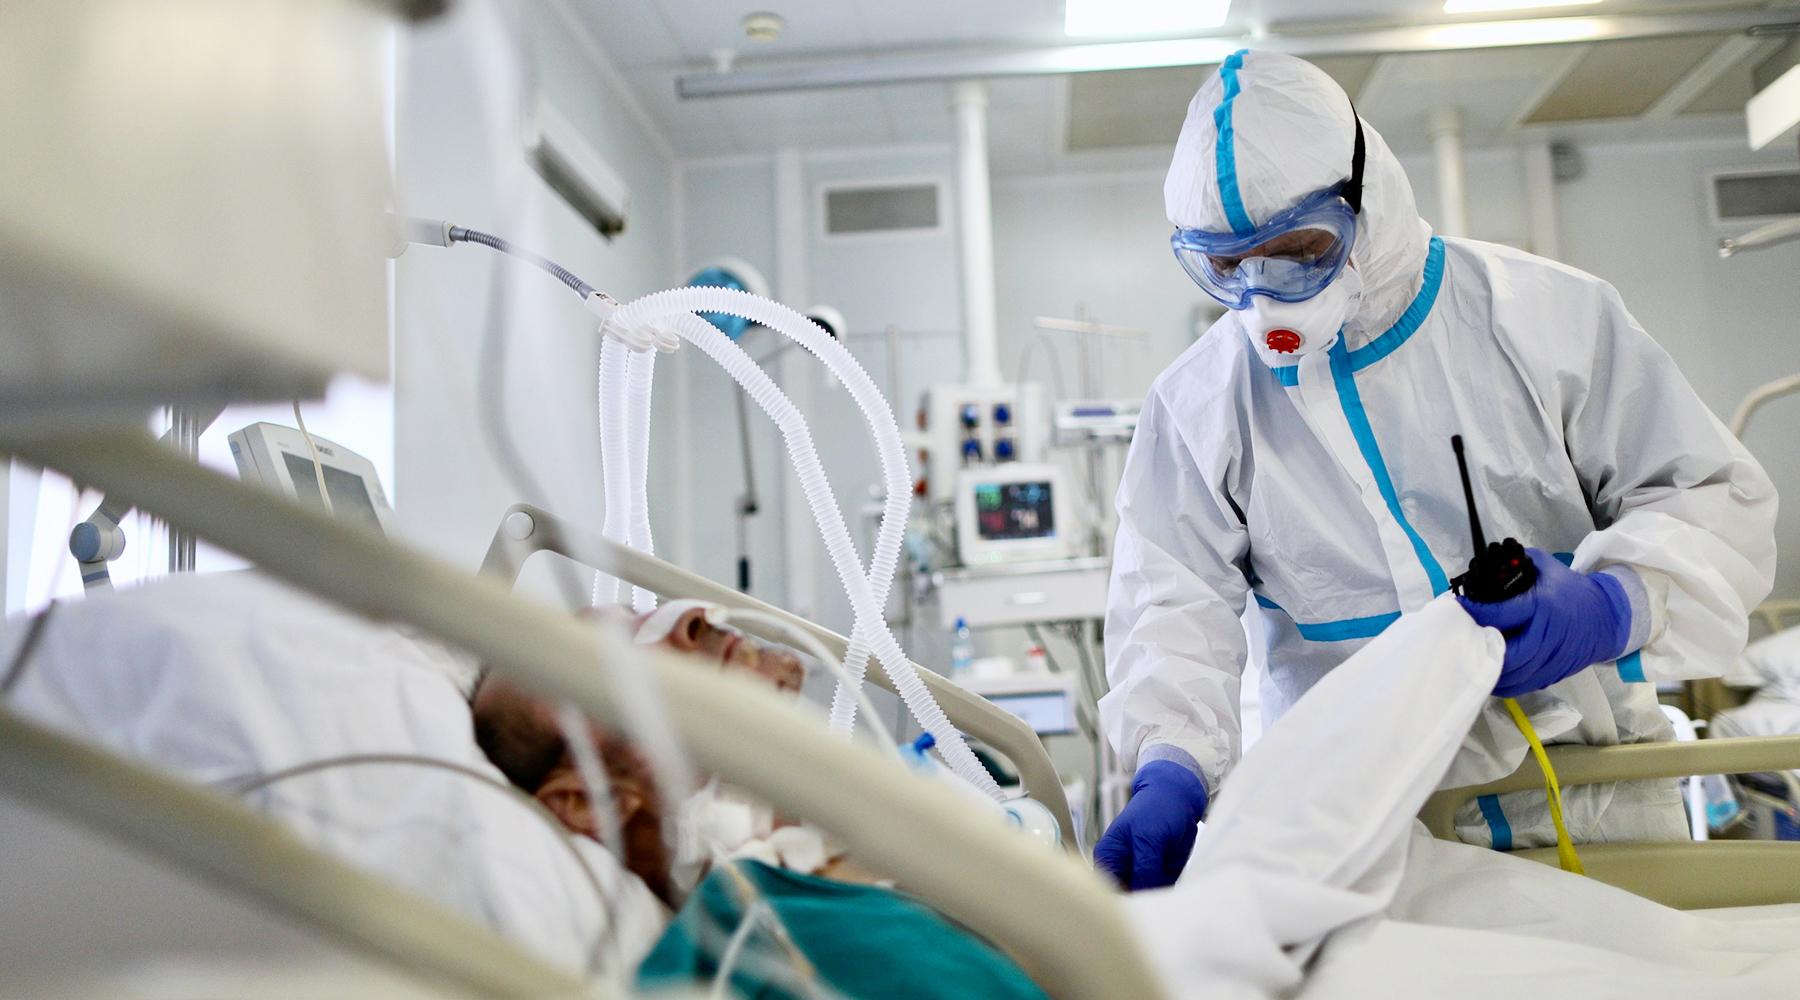 «На базе двух ведущих детских больниц»: в Москве началось исследование «Спутника V» для подростков1